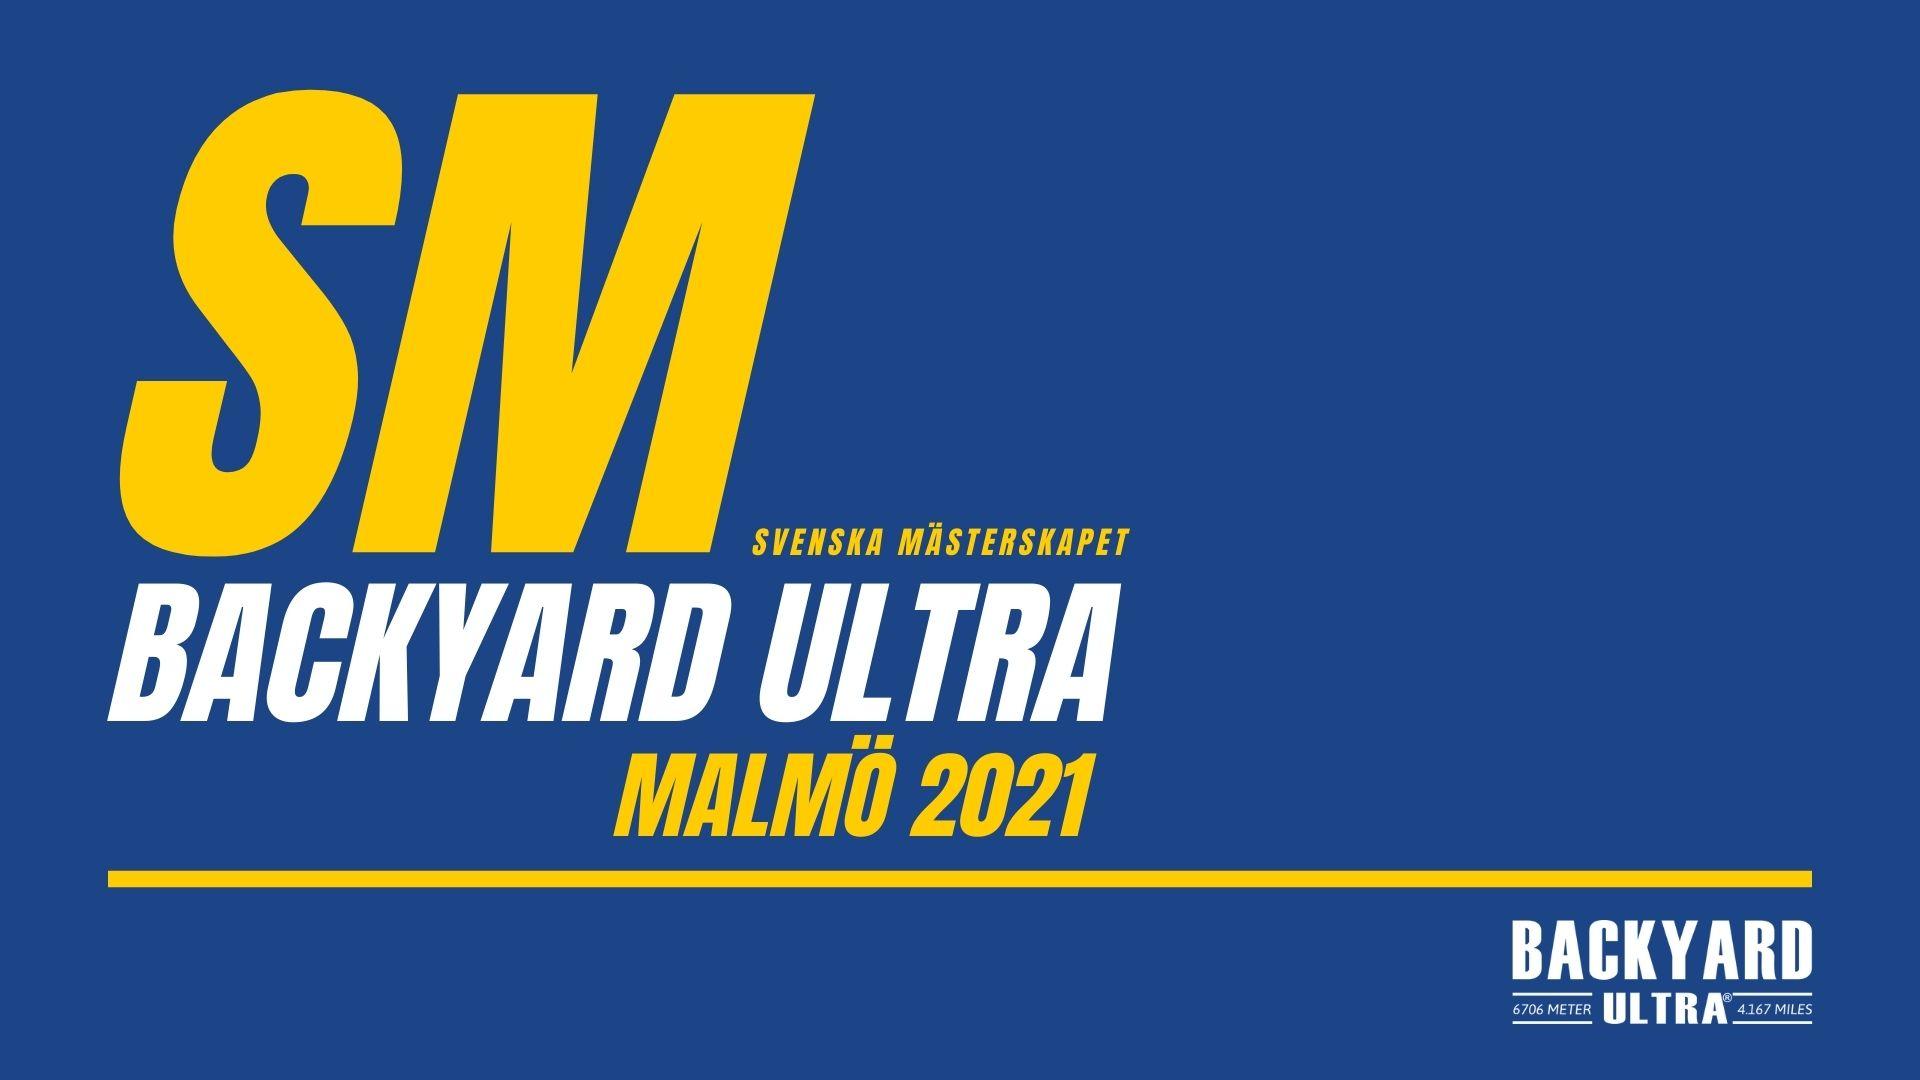 Svenska Mästerskapet Backyard Ultra 2021